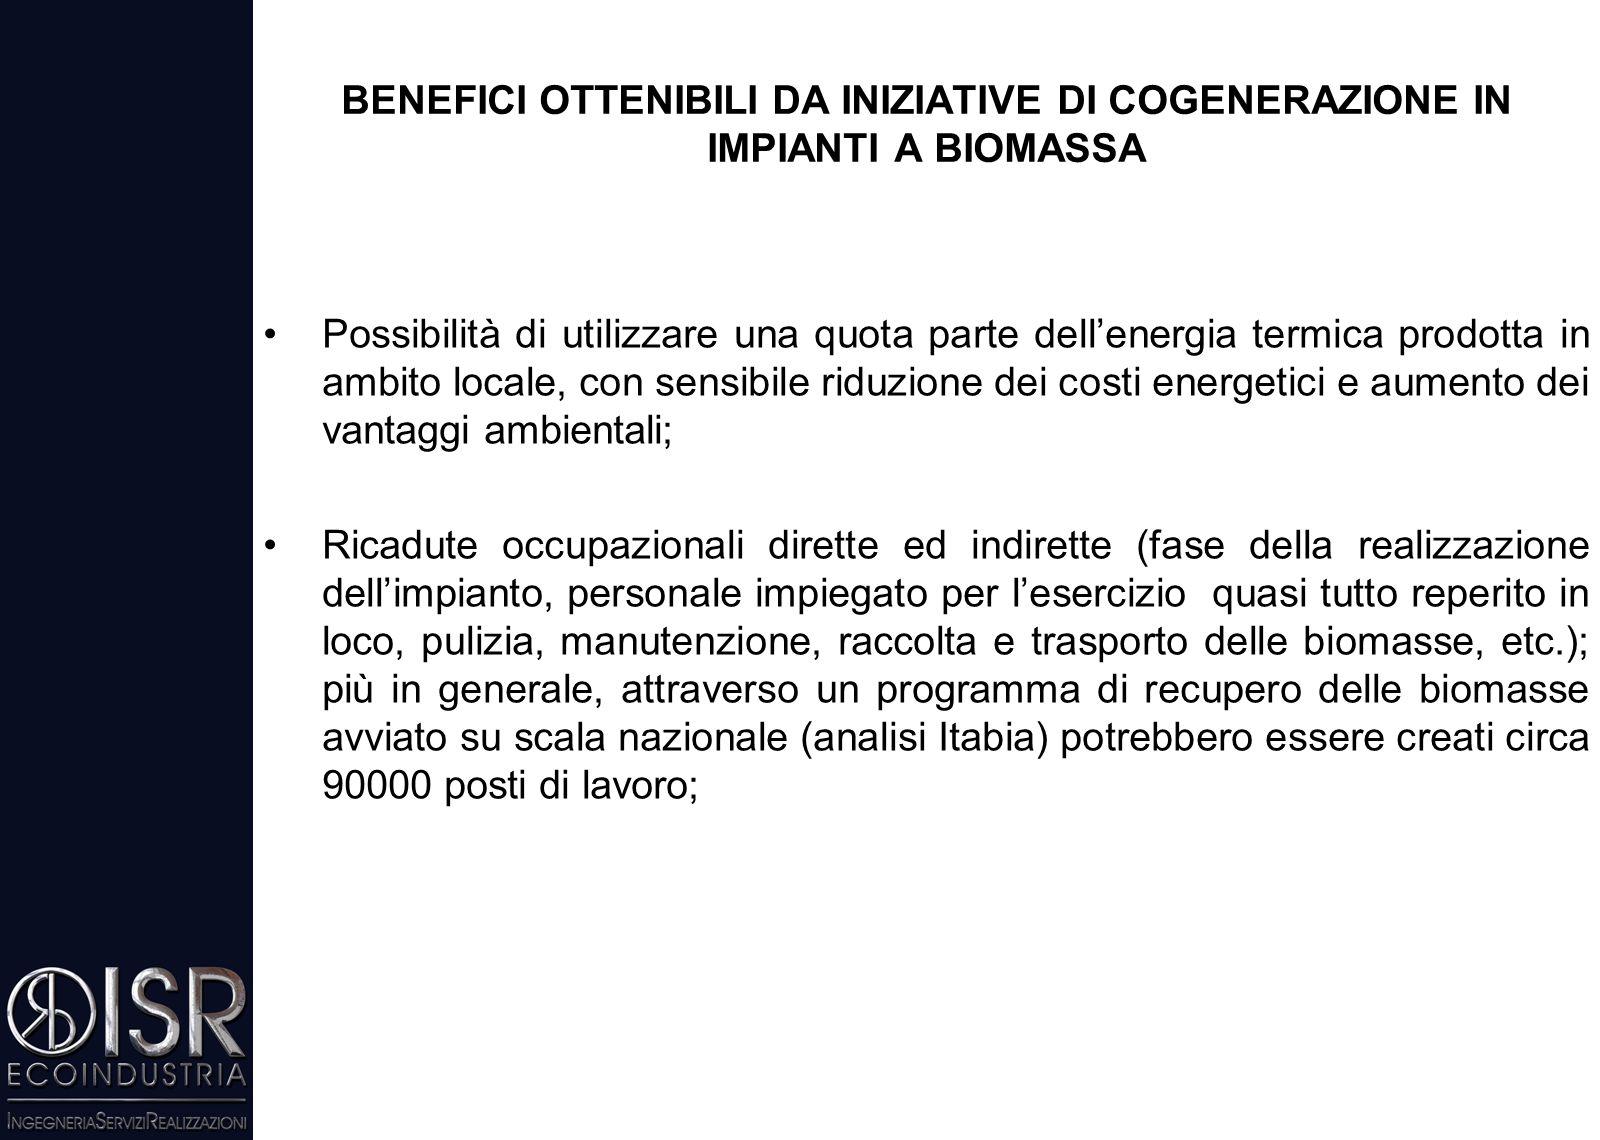 BENEFICI OTTENIBILI DA INIZIATIVE DI COGENERAZIONE IN IMPIANTI A BIOMASSA Produzione di energia da fonte rinnovabile; Neutralità ambientale rispetto a